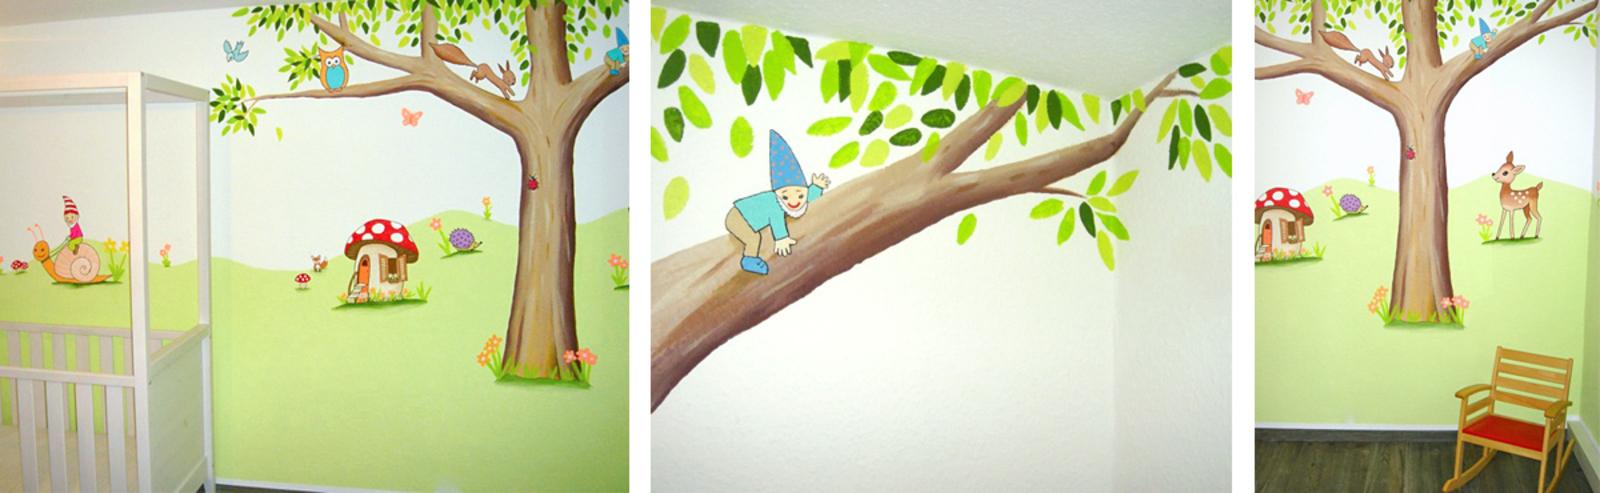 Wandgestaltung Kinderzimmer Tiere :  für Deine Wand Wandmalerei für Kinderzimmer Kinderzimmer